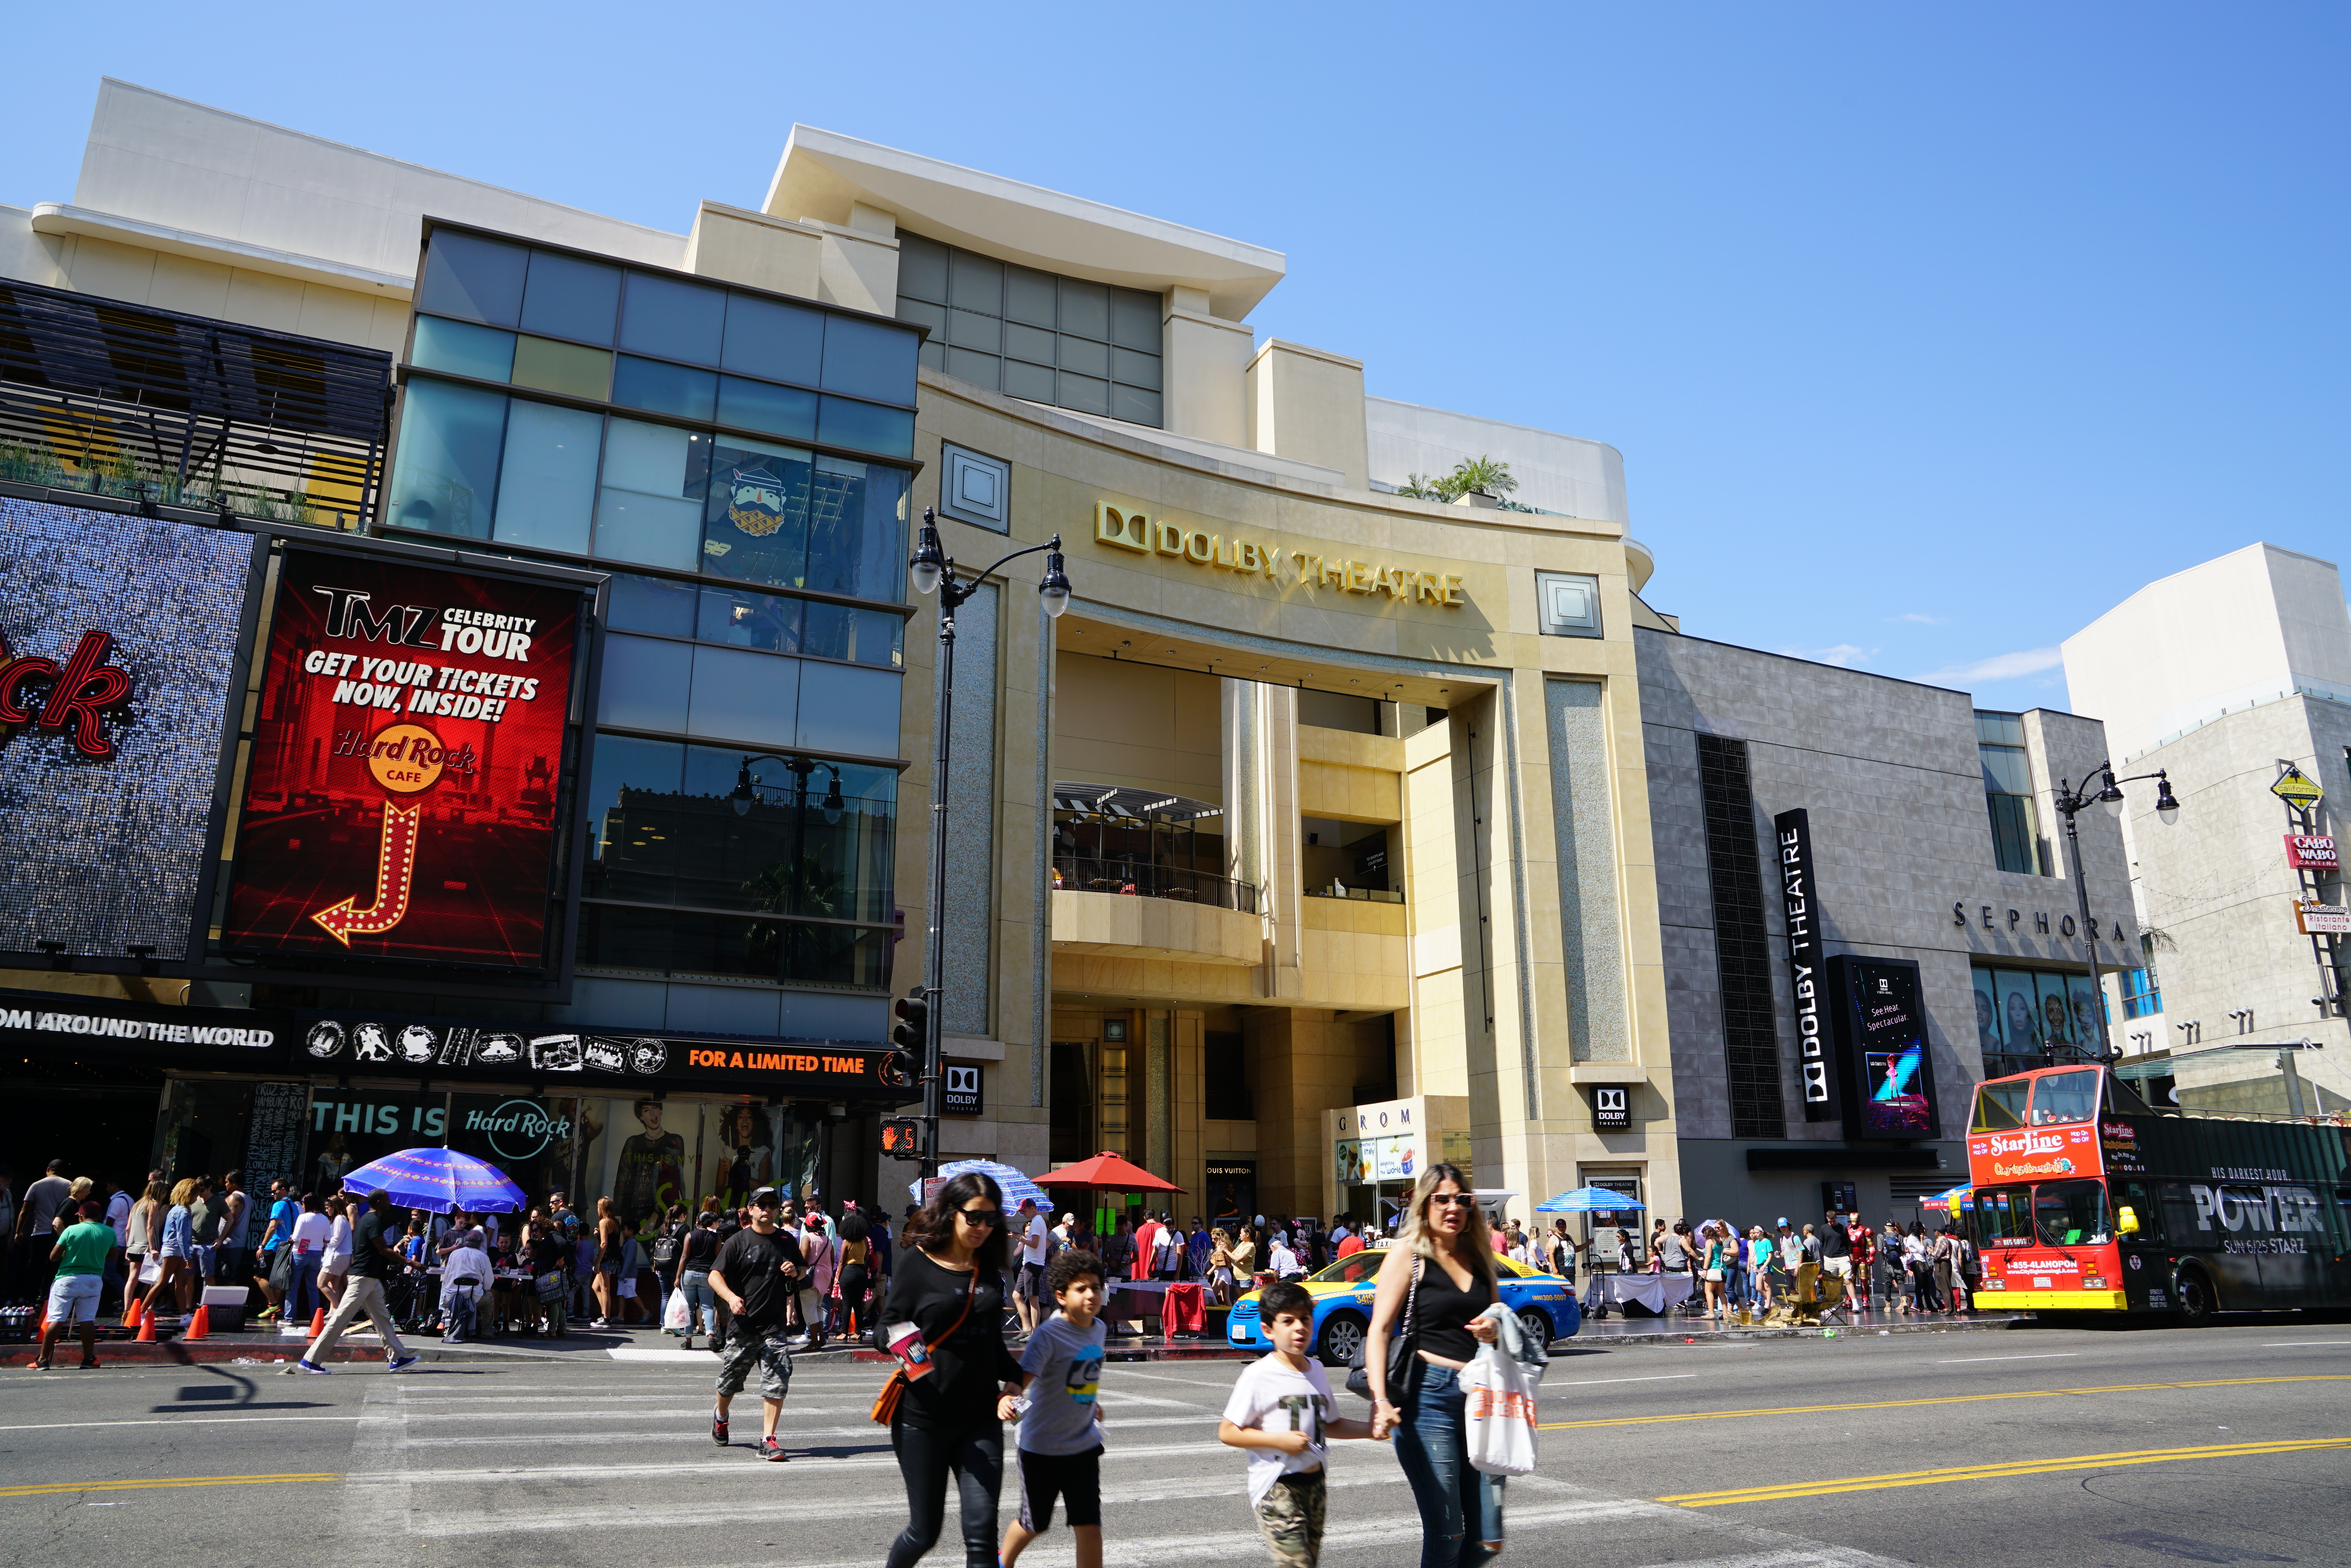 Crowds around Dolby Theatre